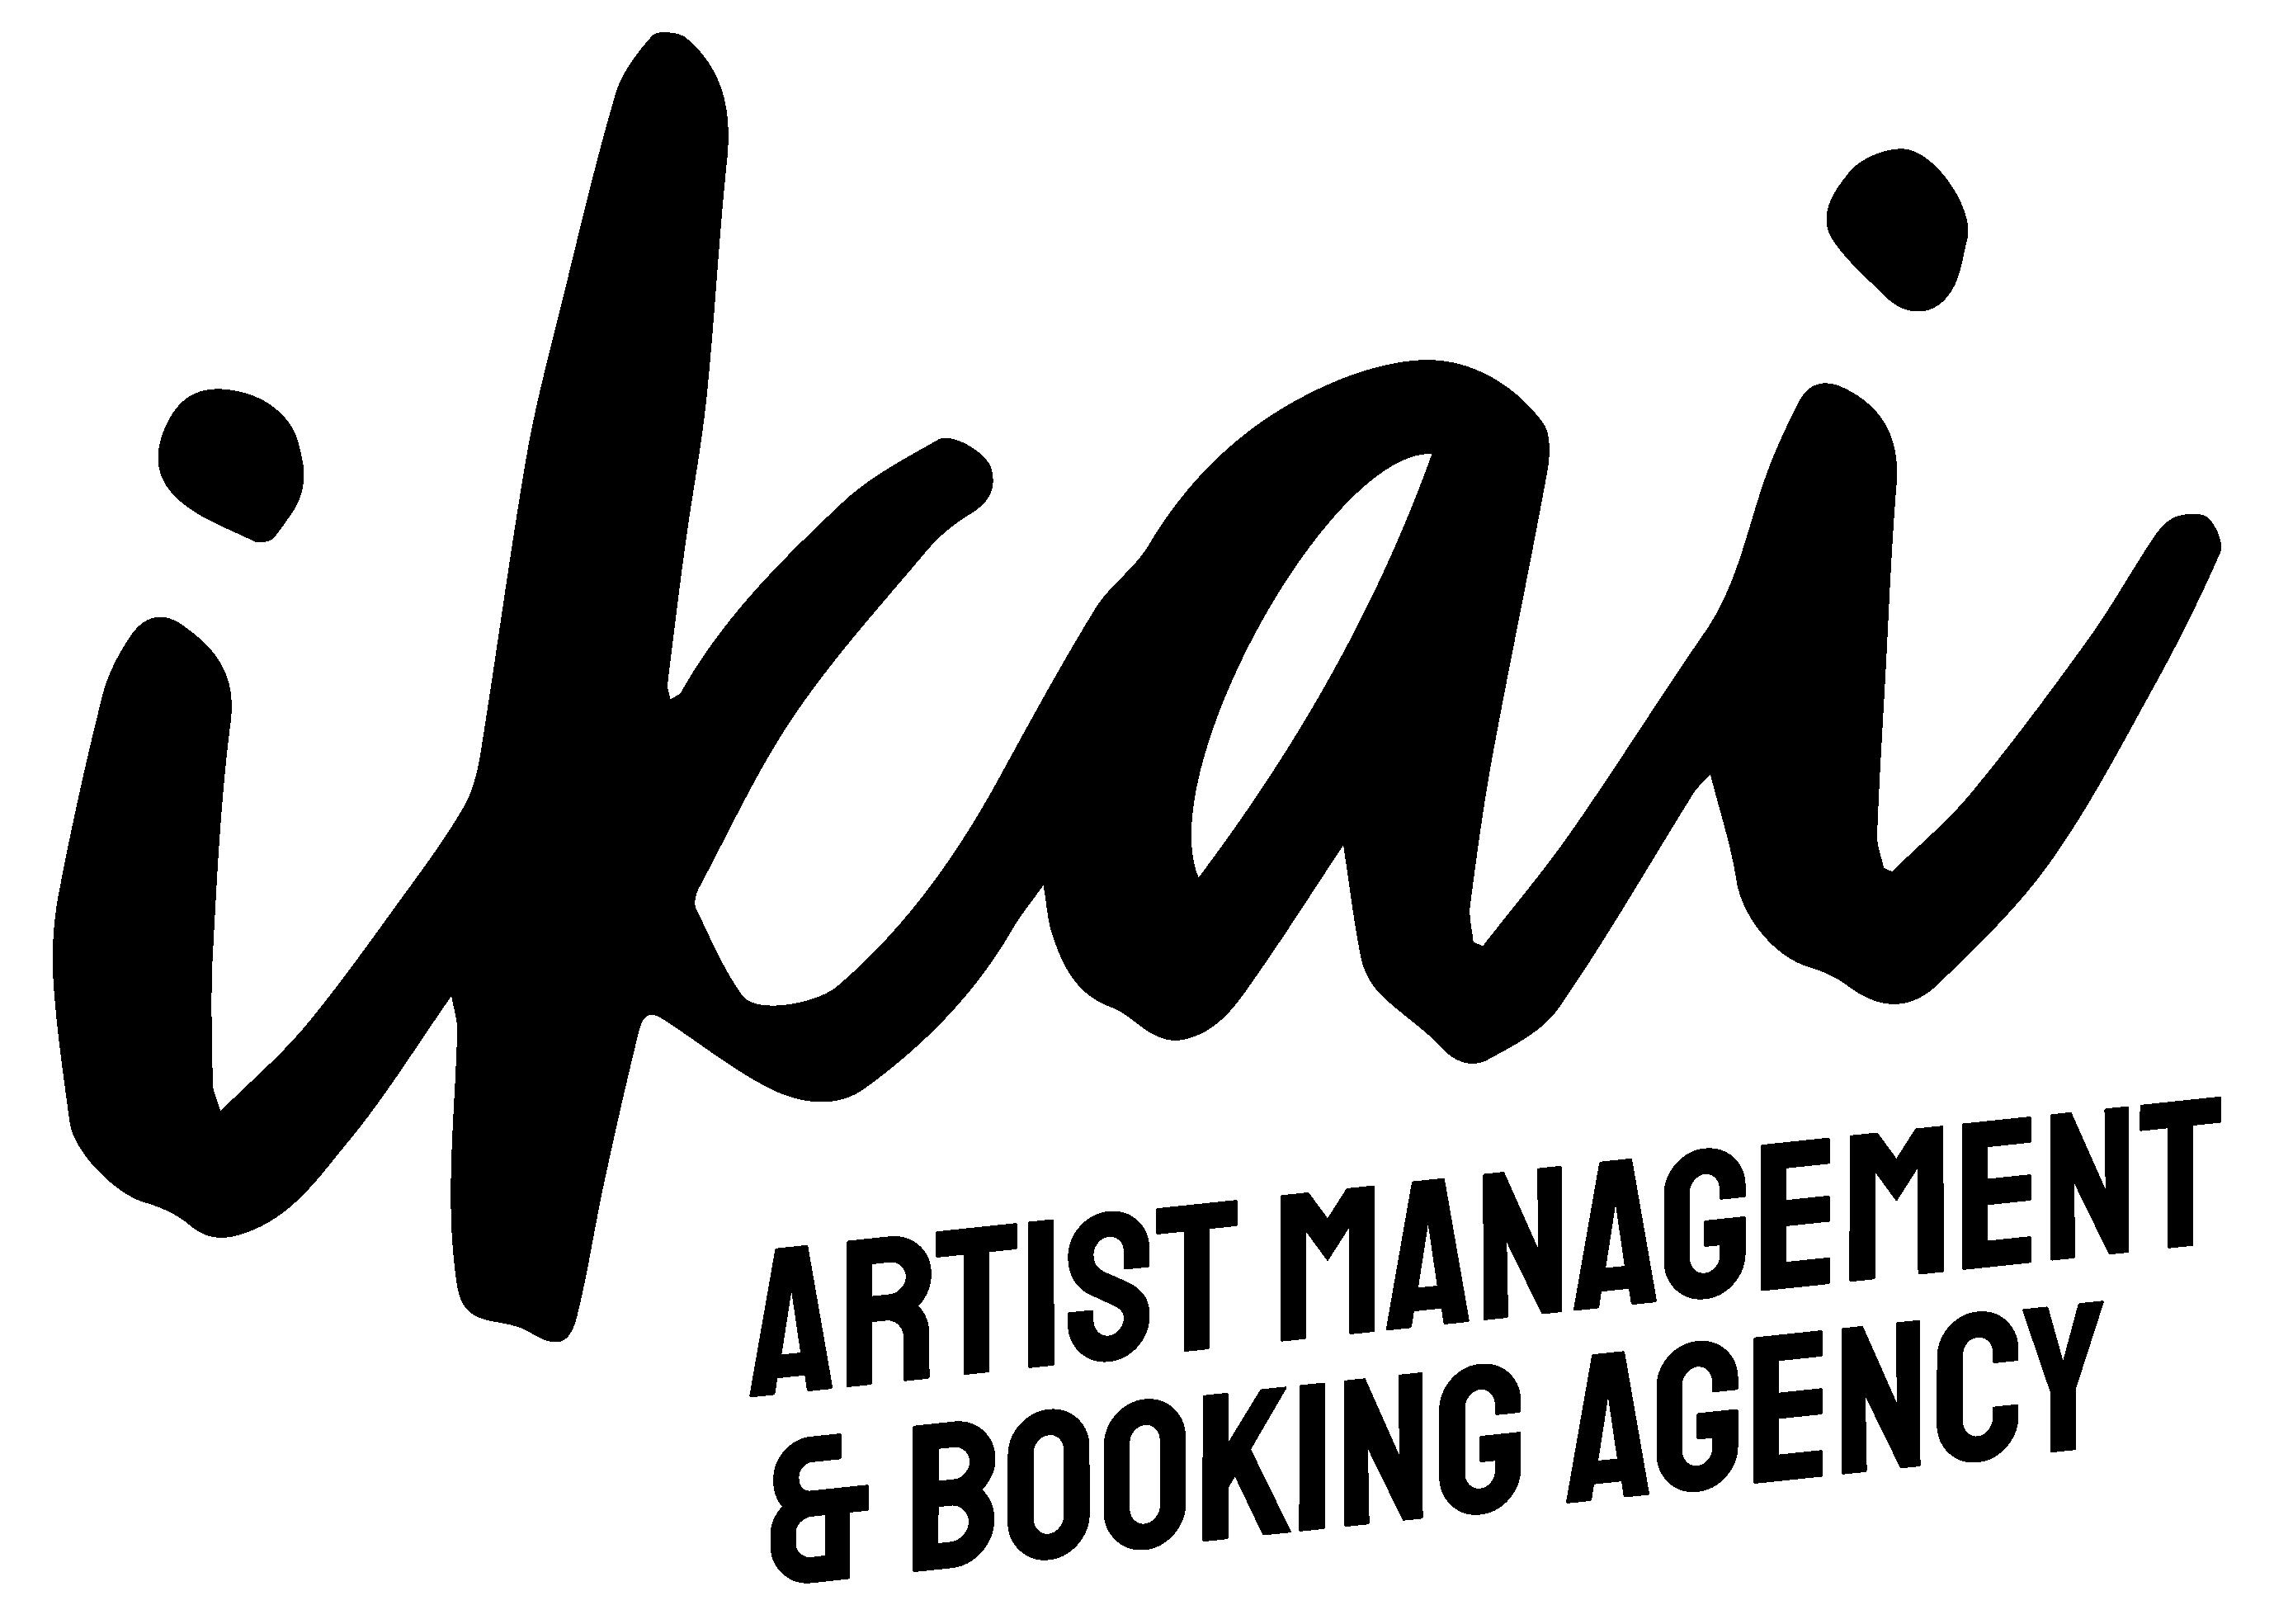 Logo IKAI gemaakt door Sjoerd van Schagen